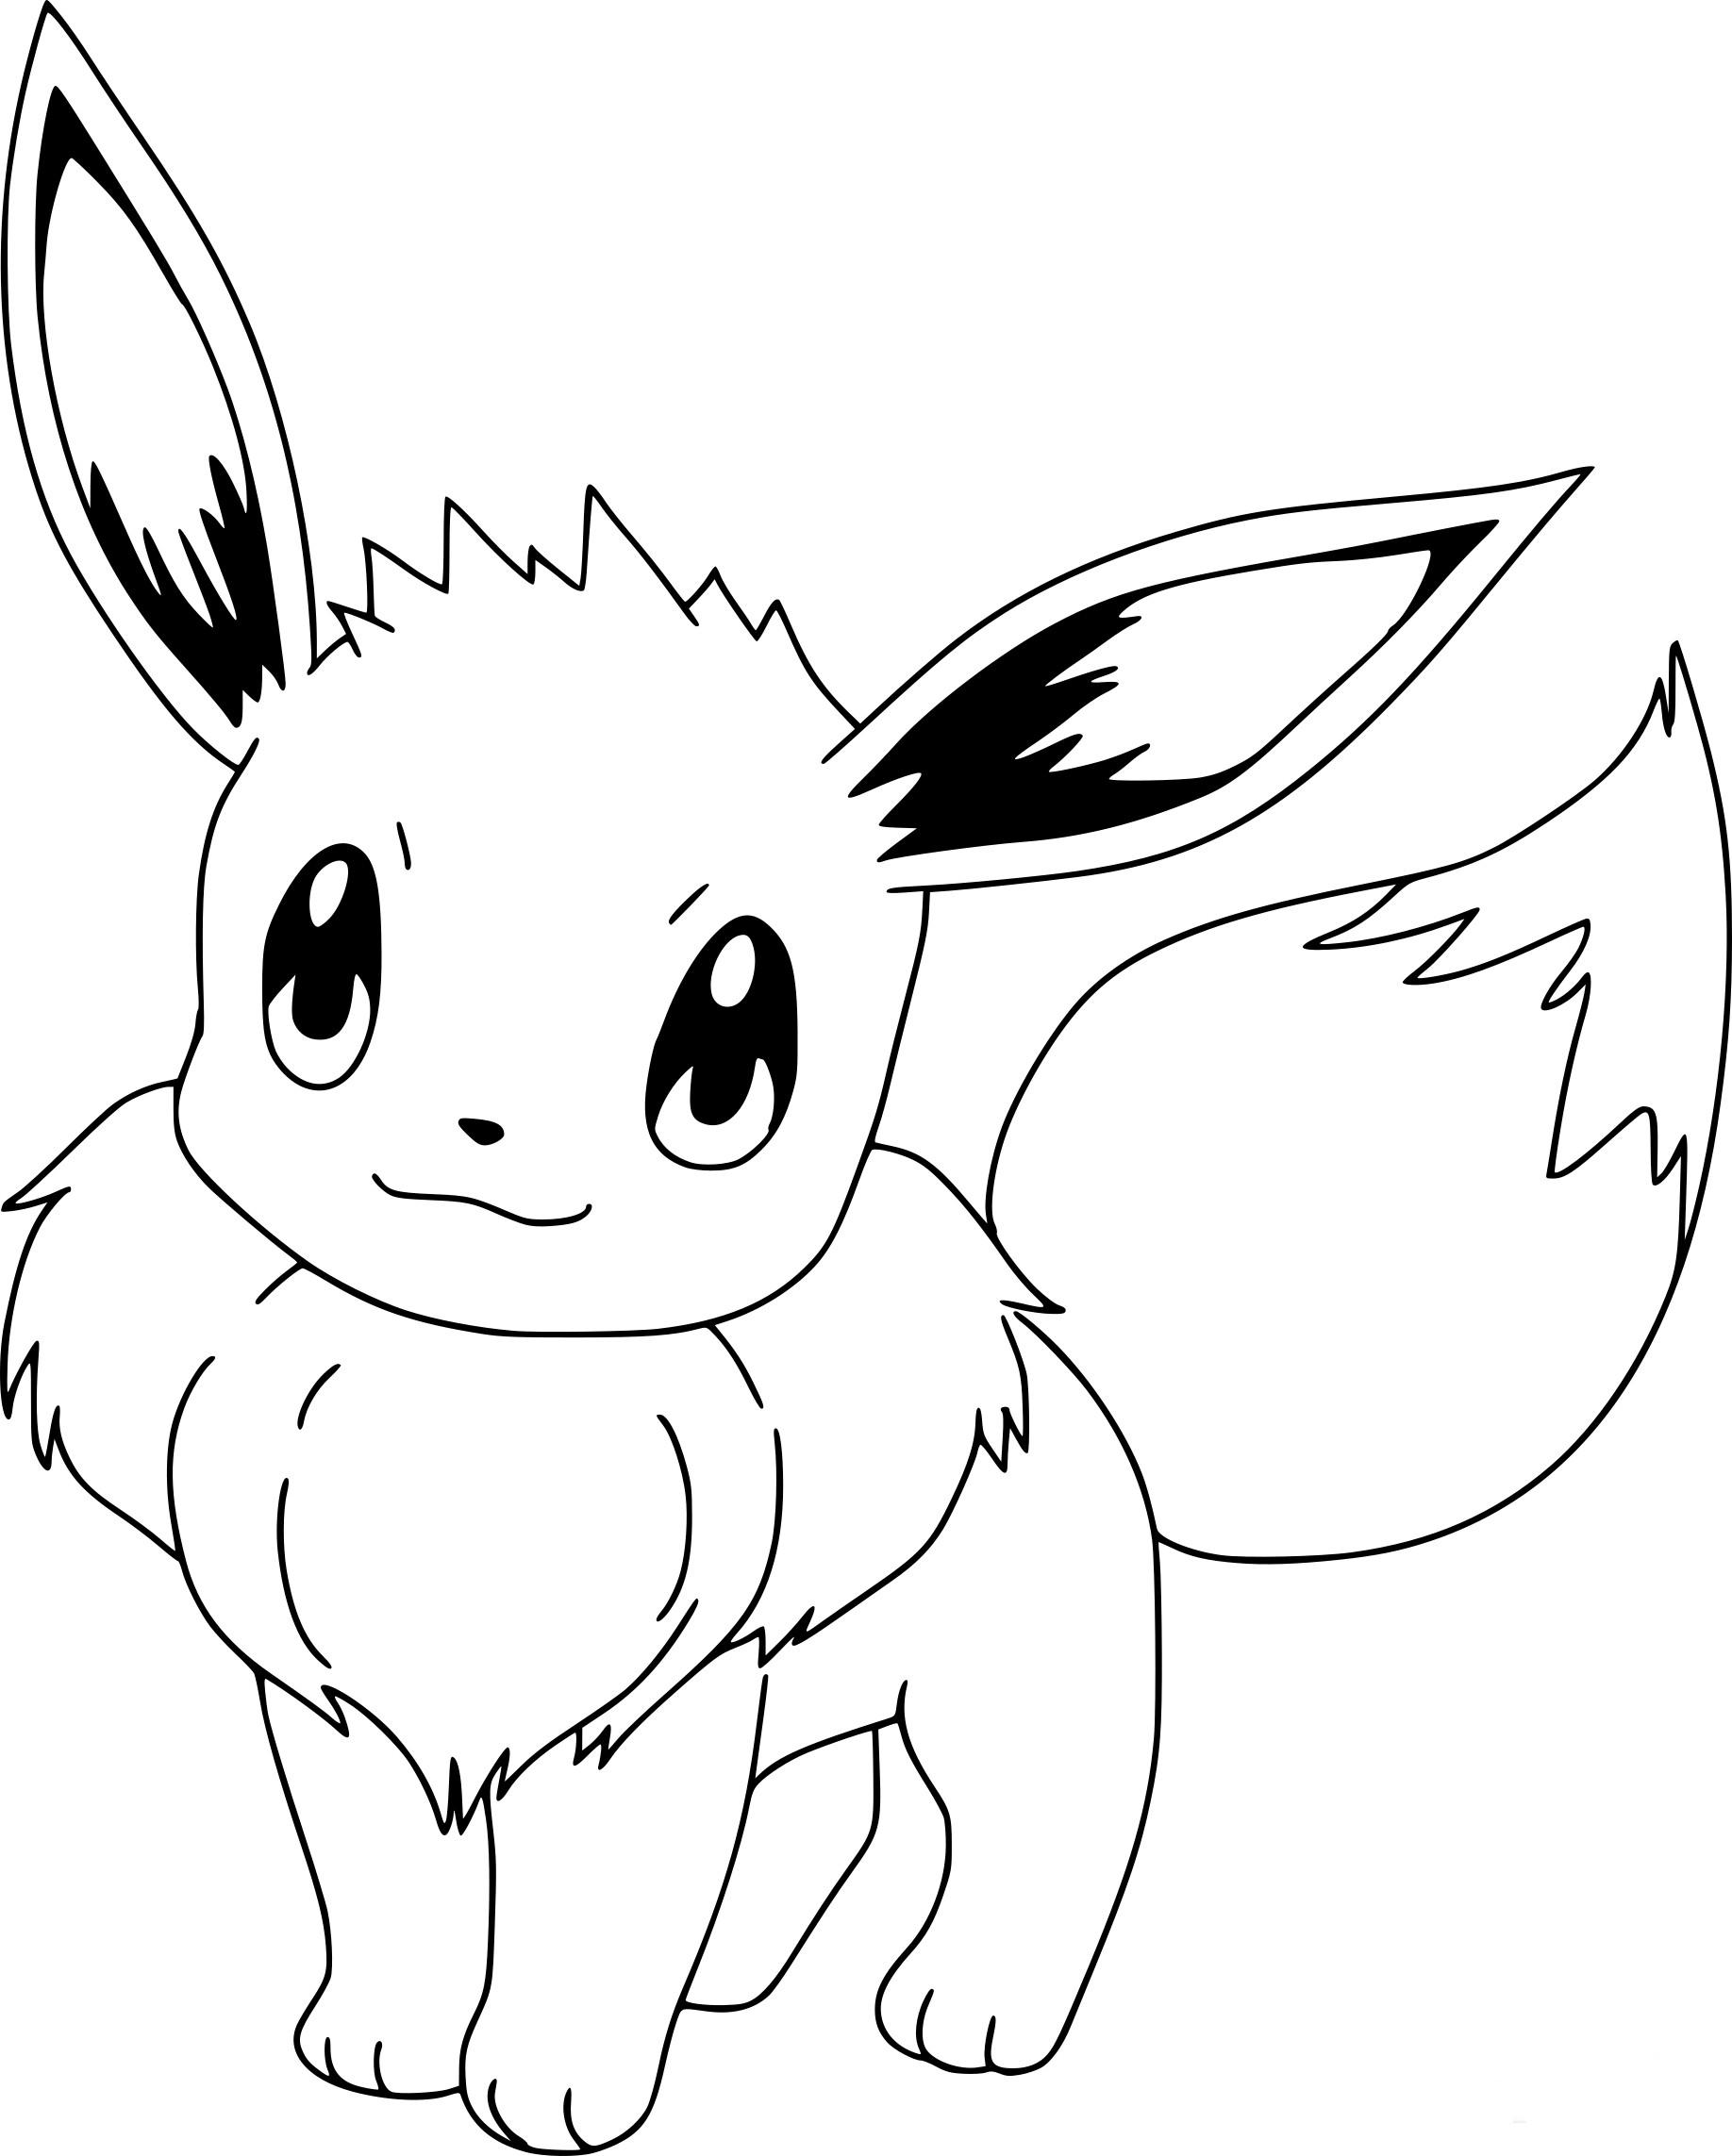 Coloriage Pokemon Evoli Dessin À Imprimer Sur Coloriages concernant Coloriage De Pokémon Gratuit